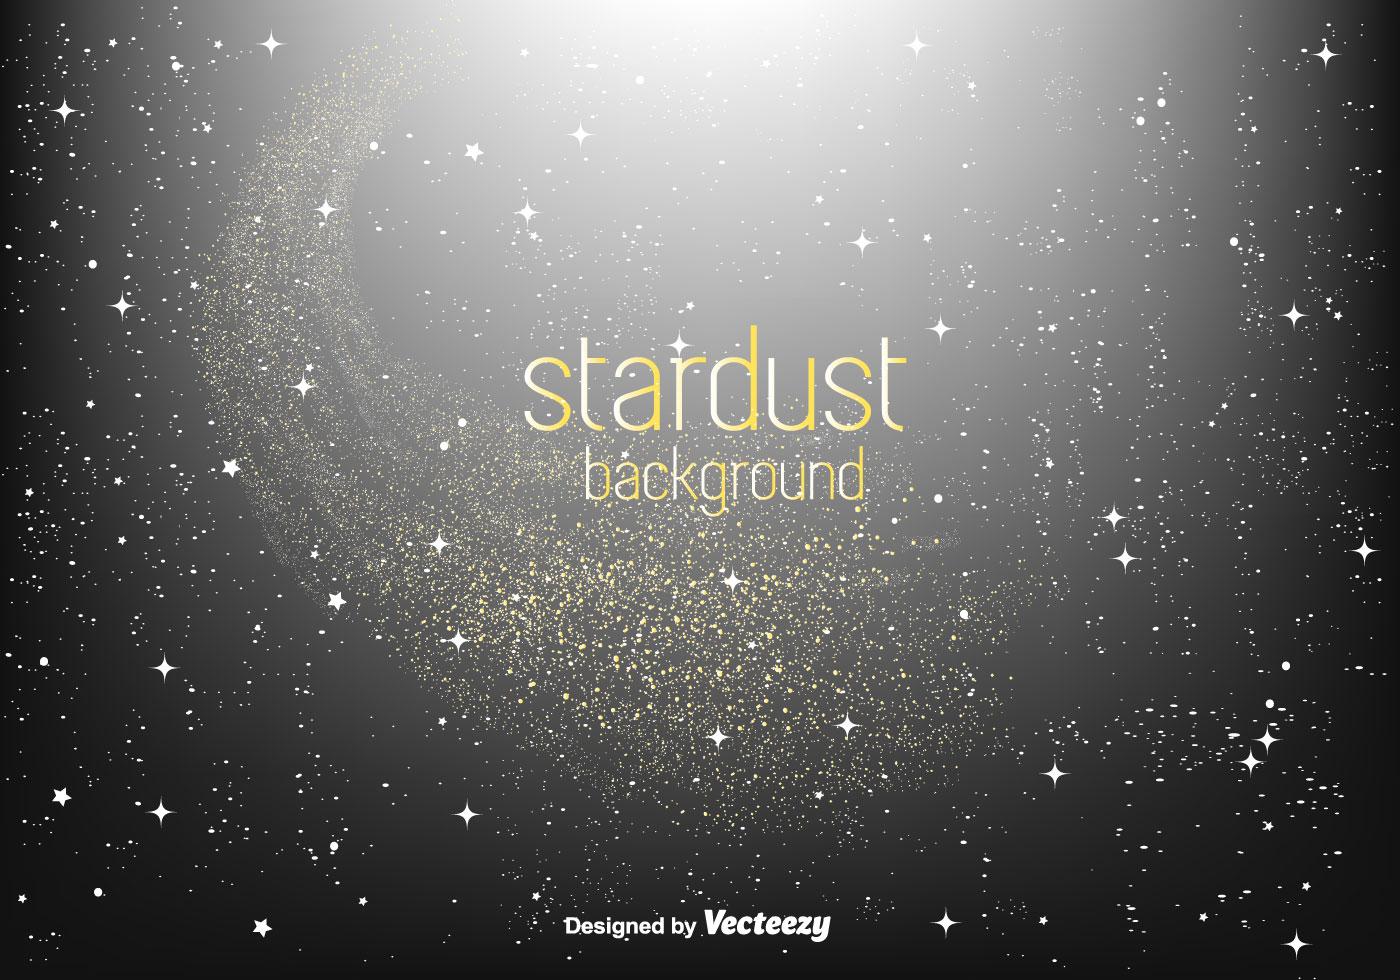 Golden Stardust Vector Background Download Free Vector